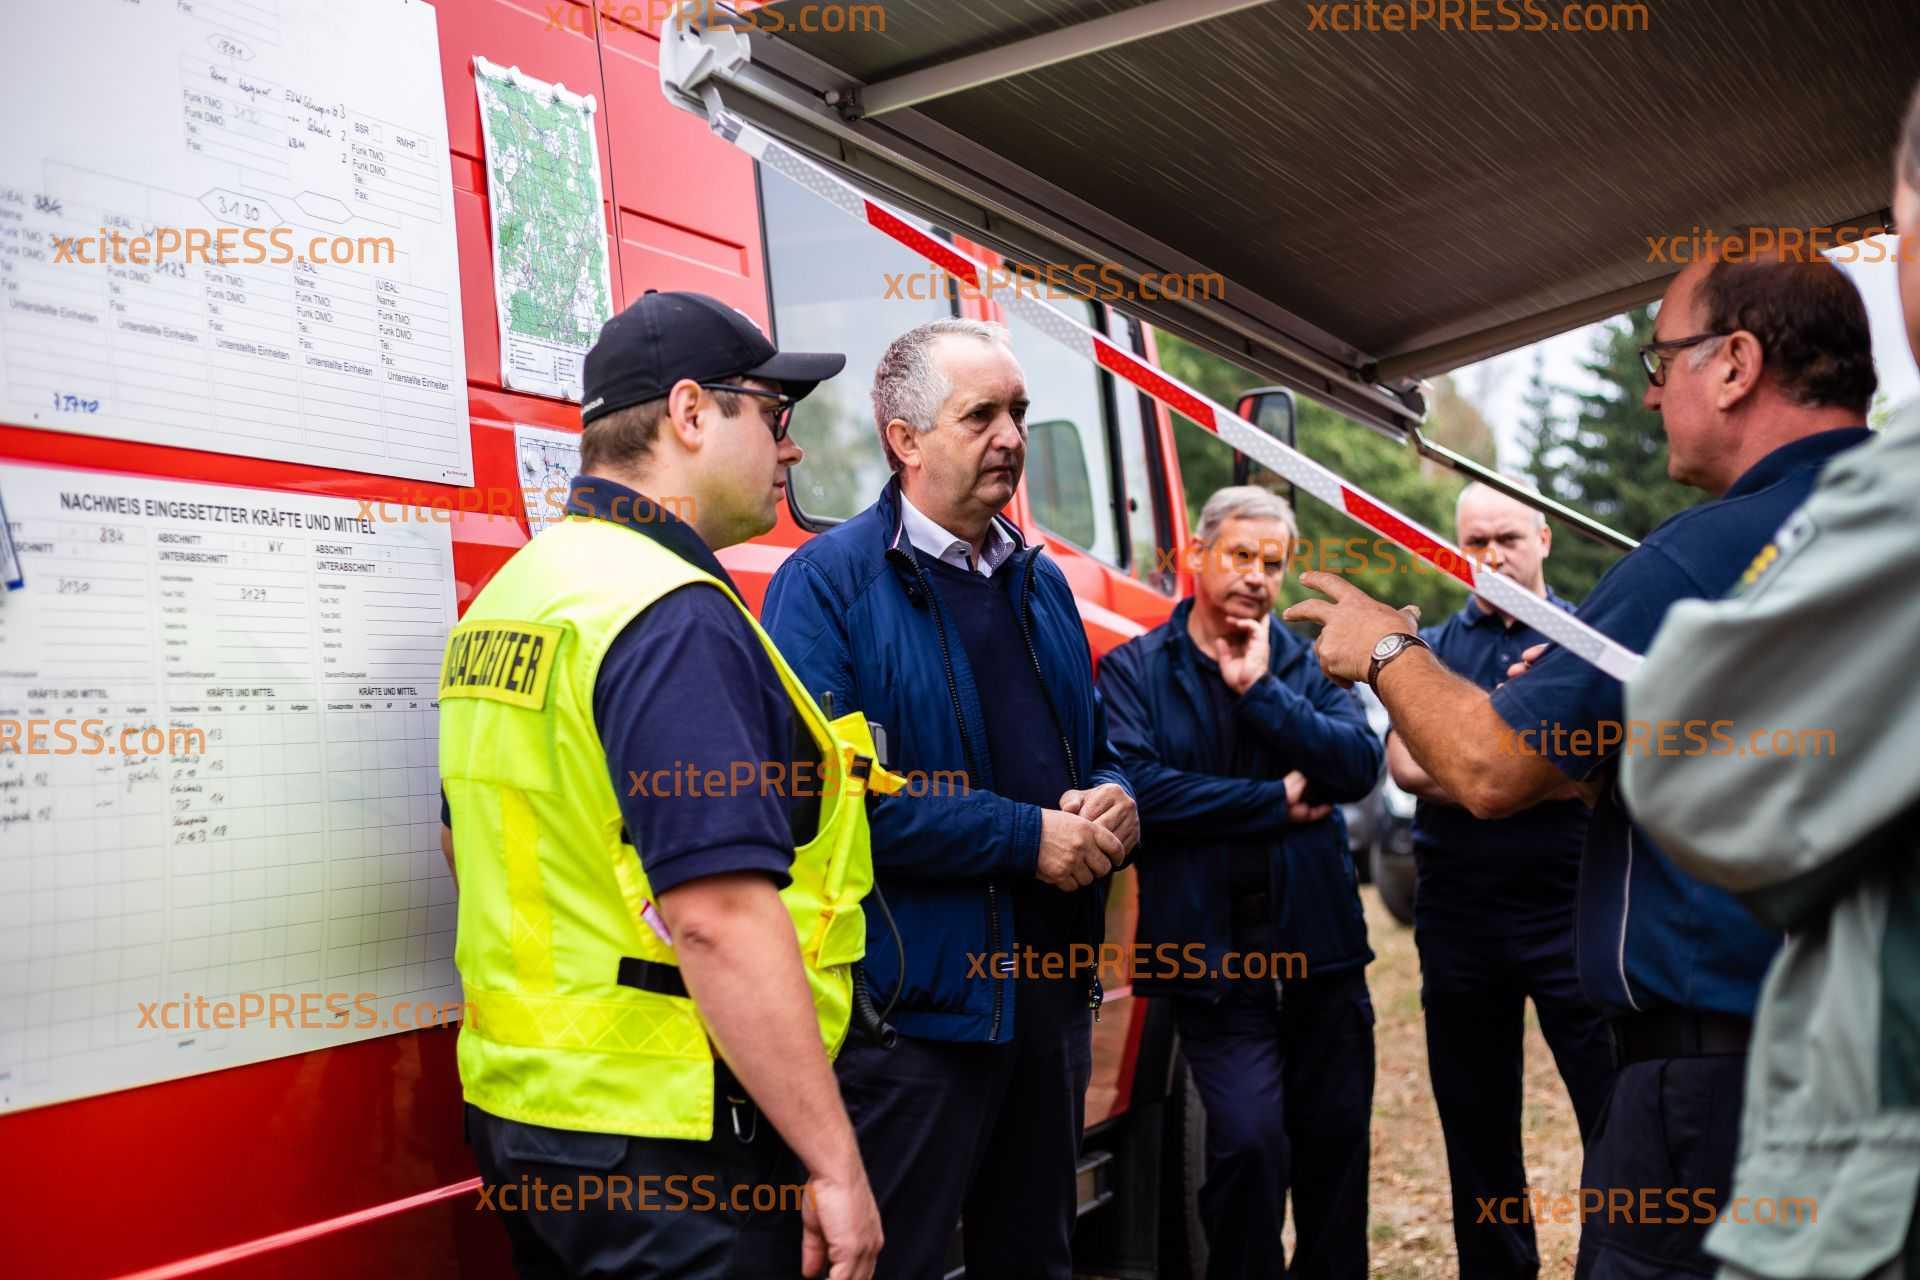 Waldbrand bei Schwepnitz größtenteils gelöscht: Minister verschafft sich Überblick vor Ort